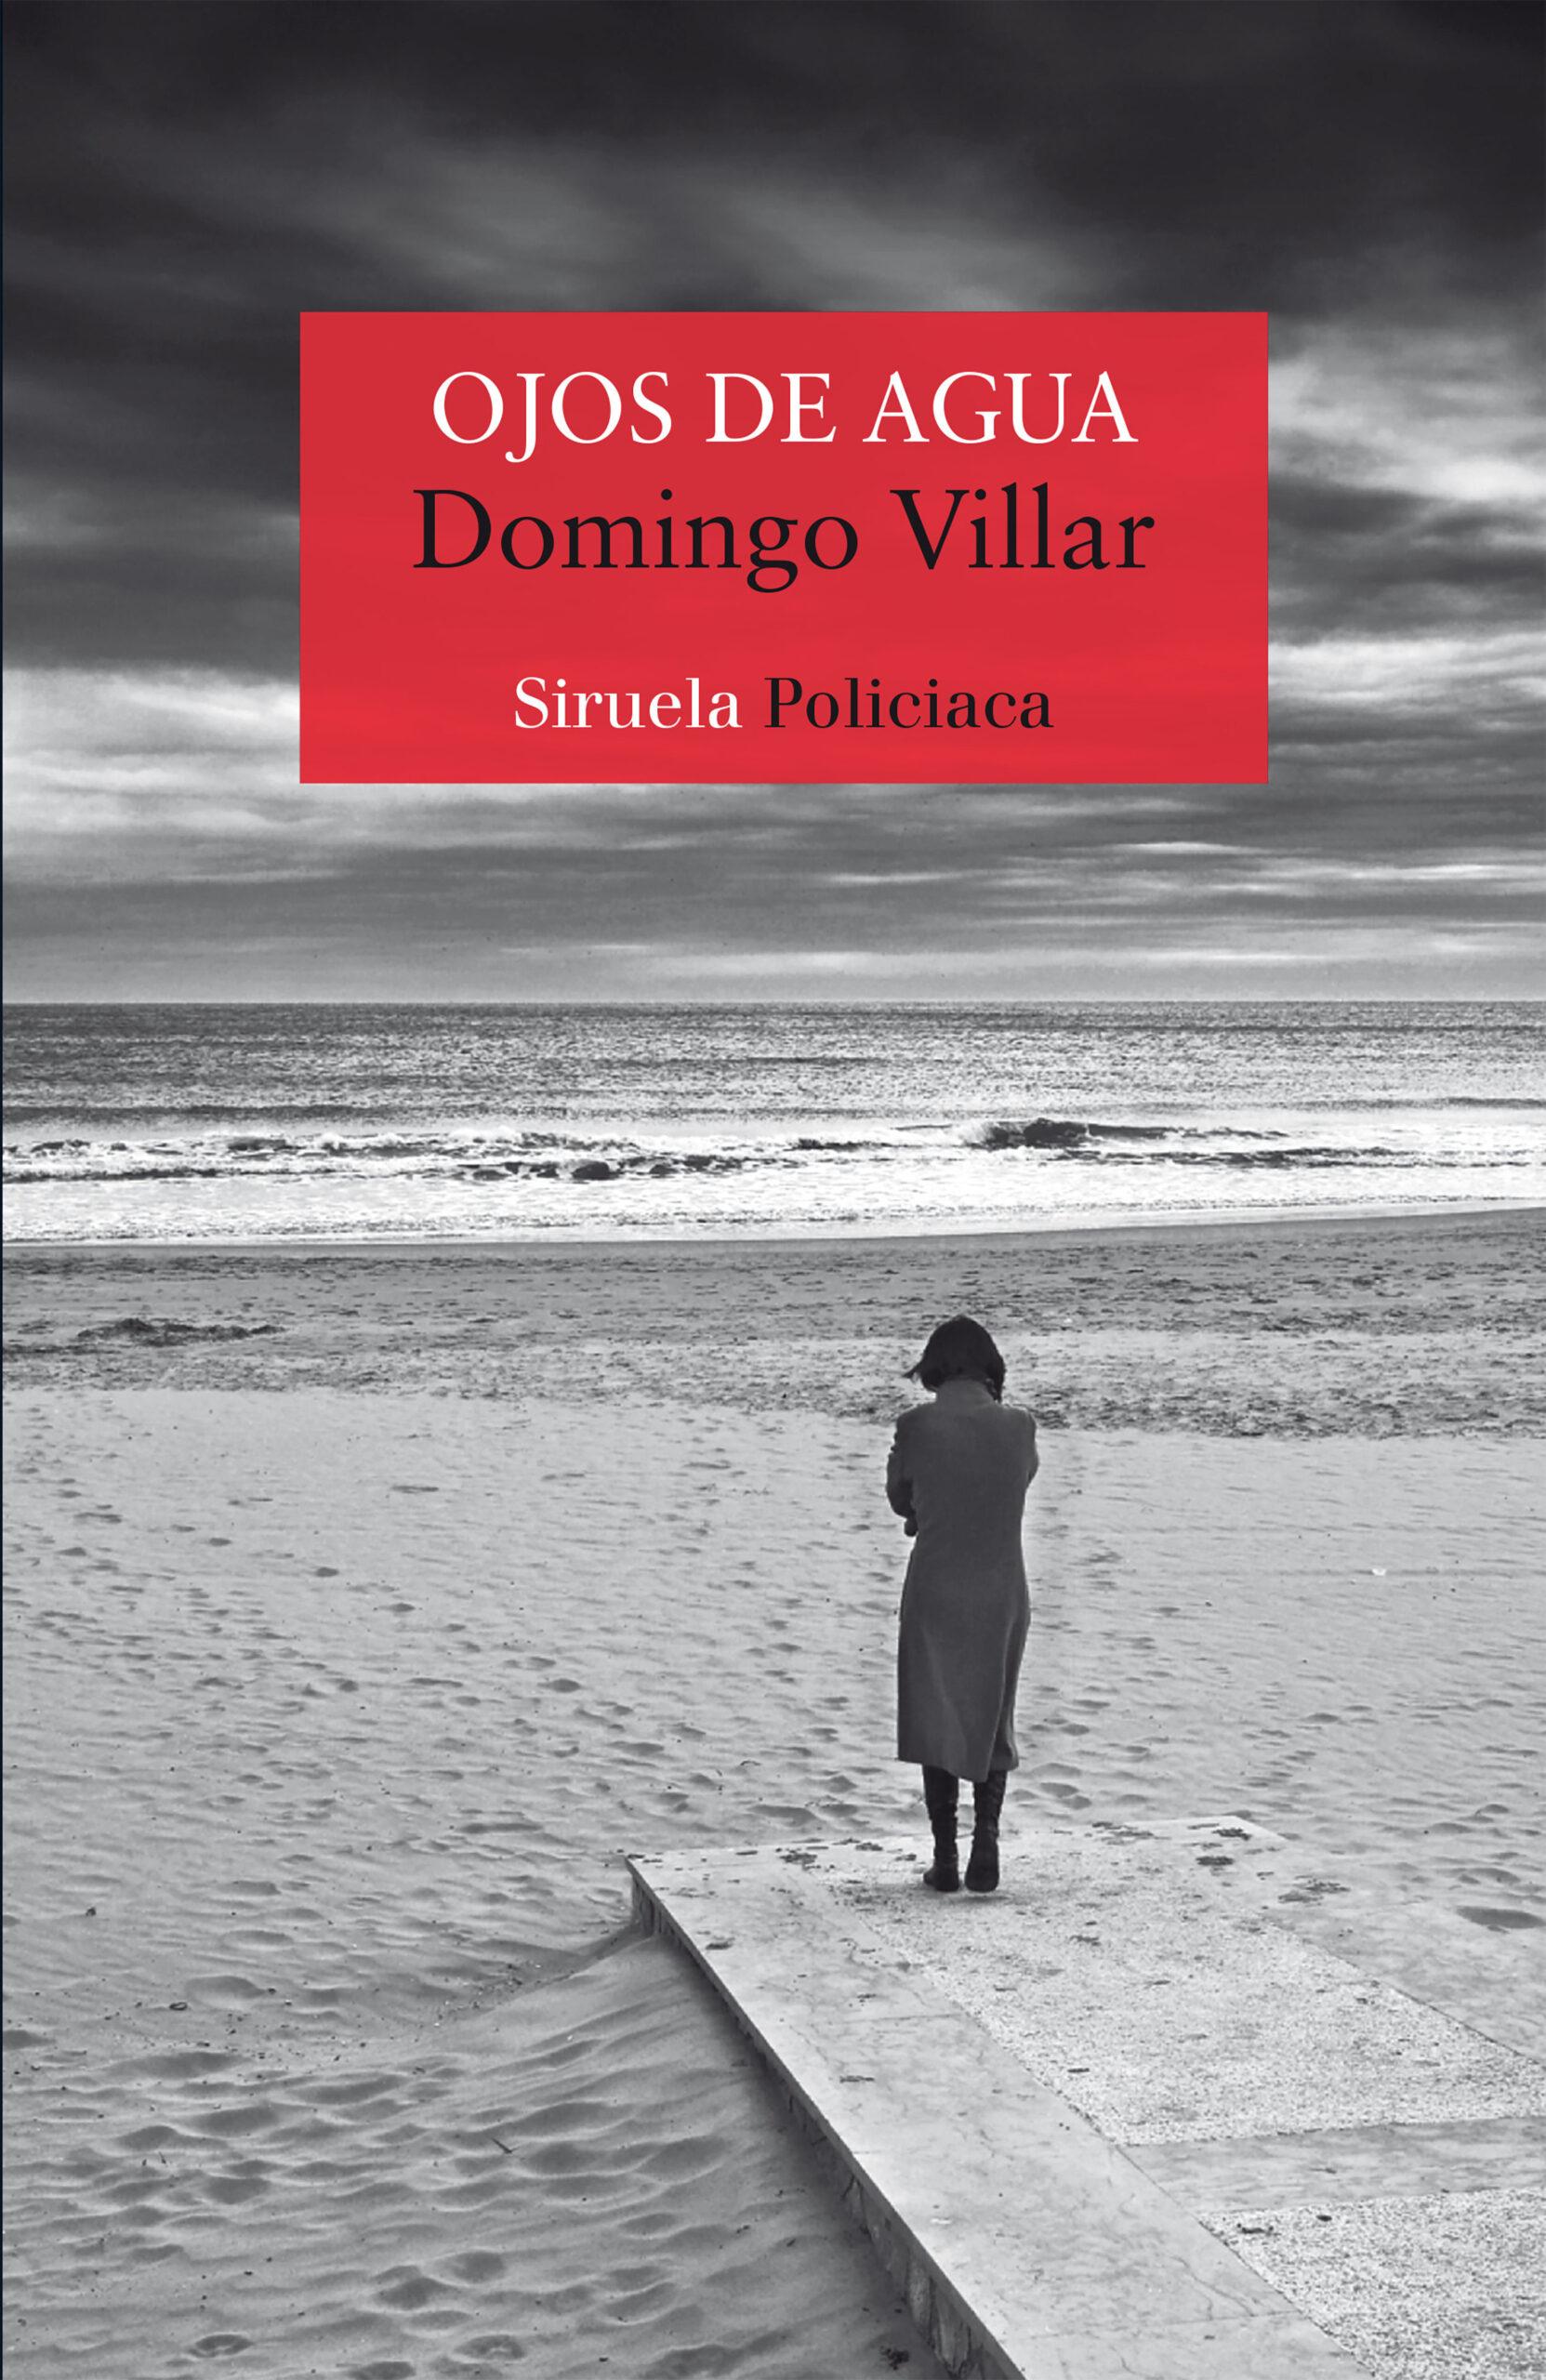 Domingo Villar libros que debes leer